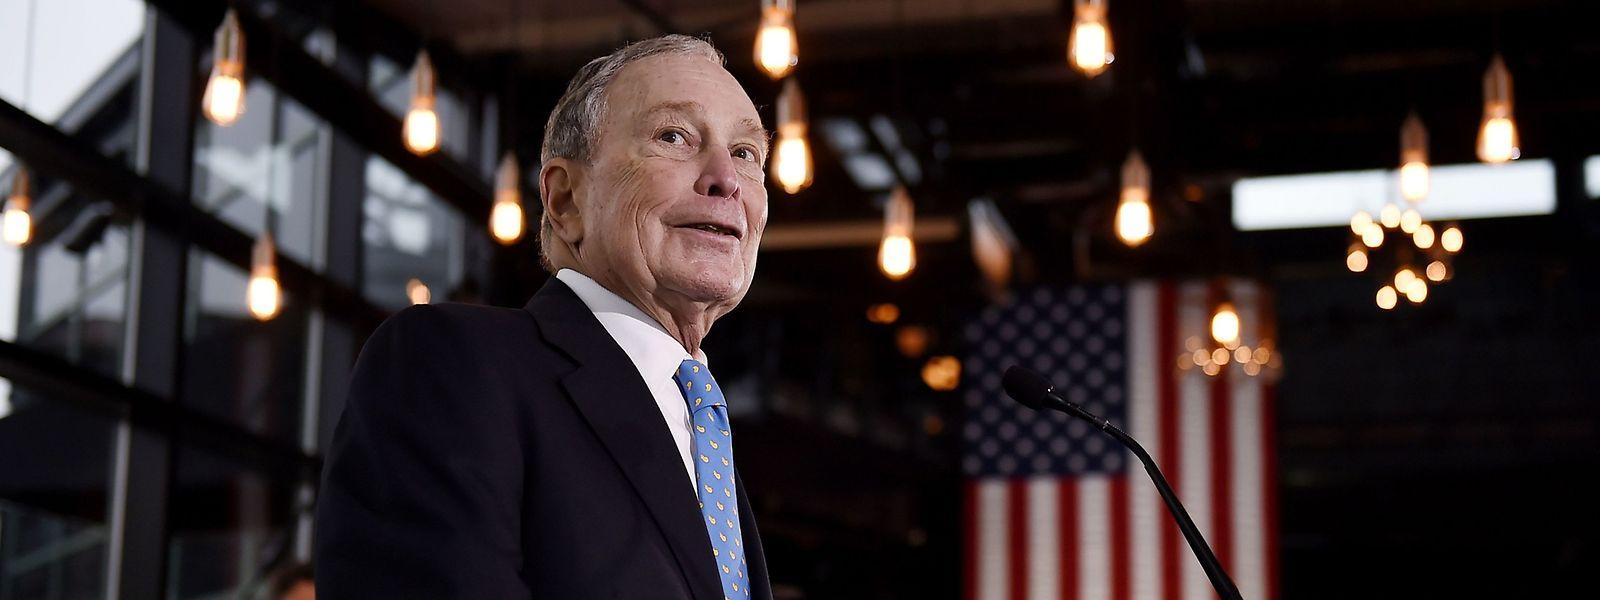 Der frühere New Yorker Bürgermeister Michael Bloomberg ist spät in den Wahlkampf um das Weiße Haus eingestiegen.